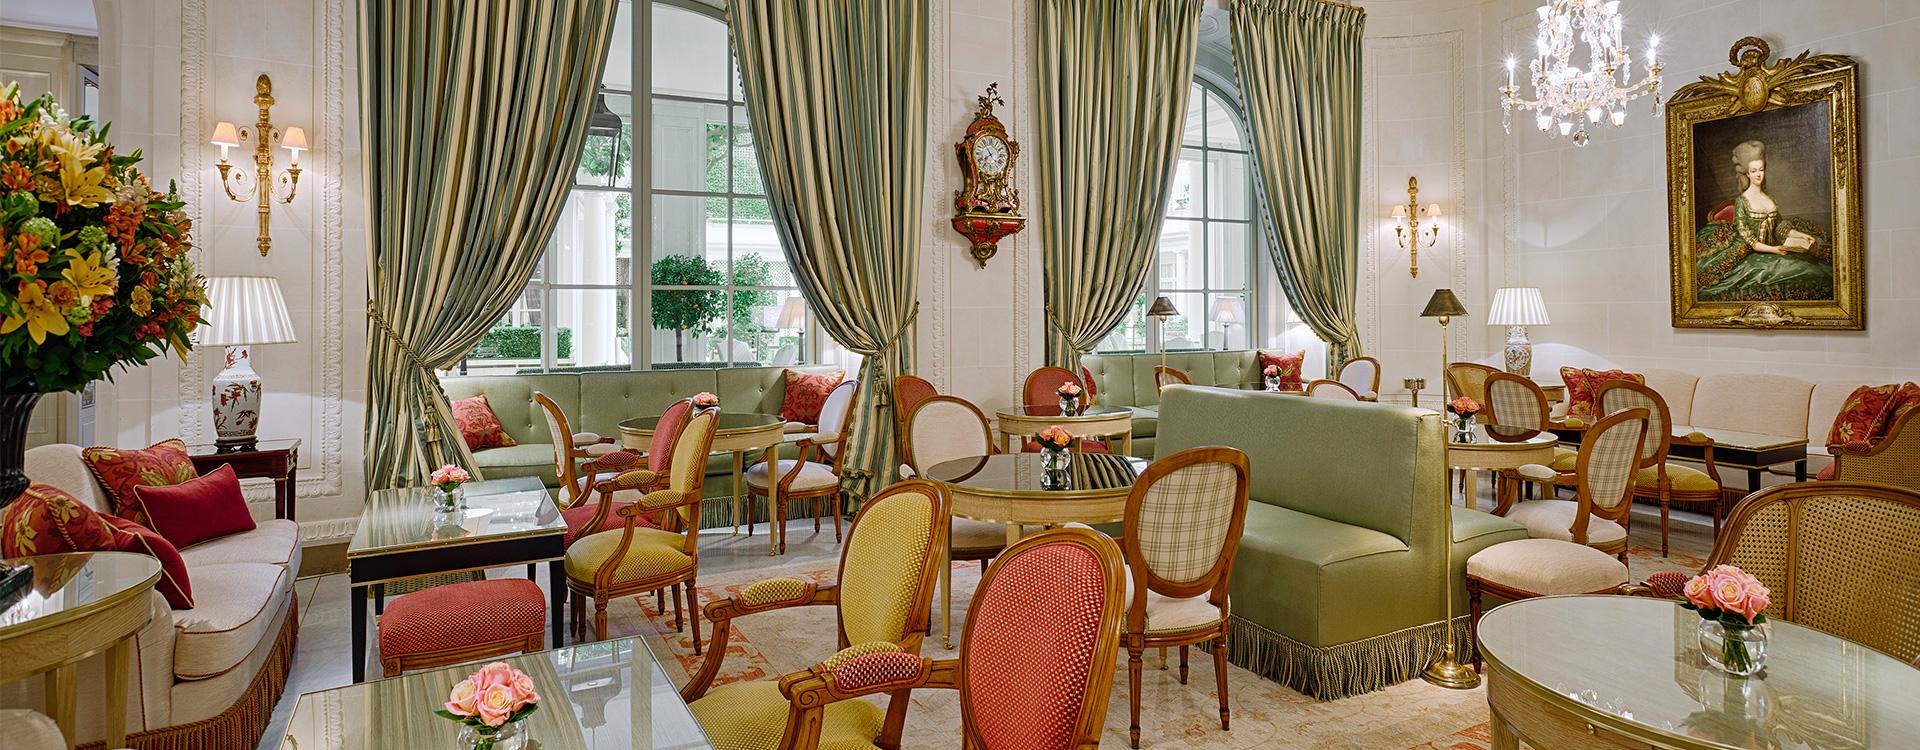 Caf 233 Antonia Restaurant In Paris Le Bristol